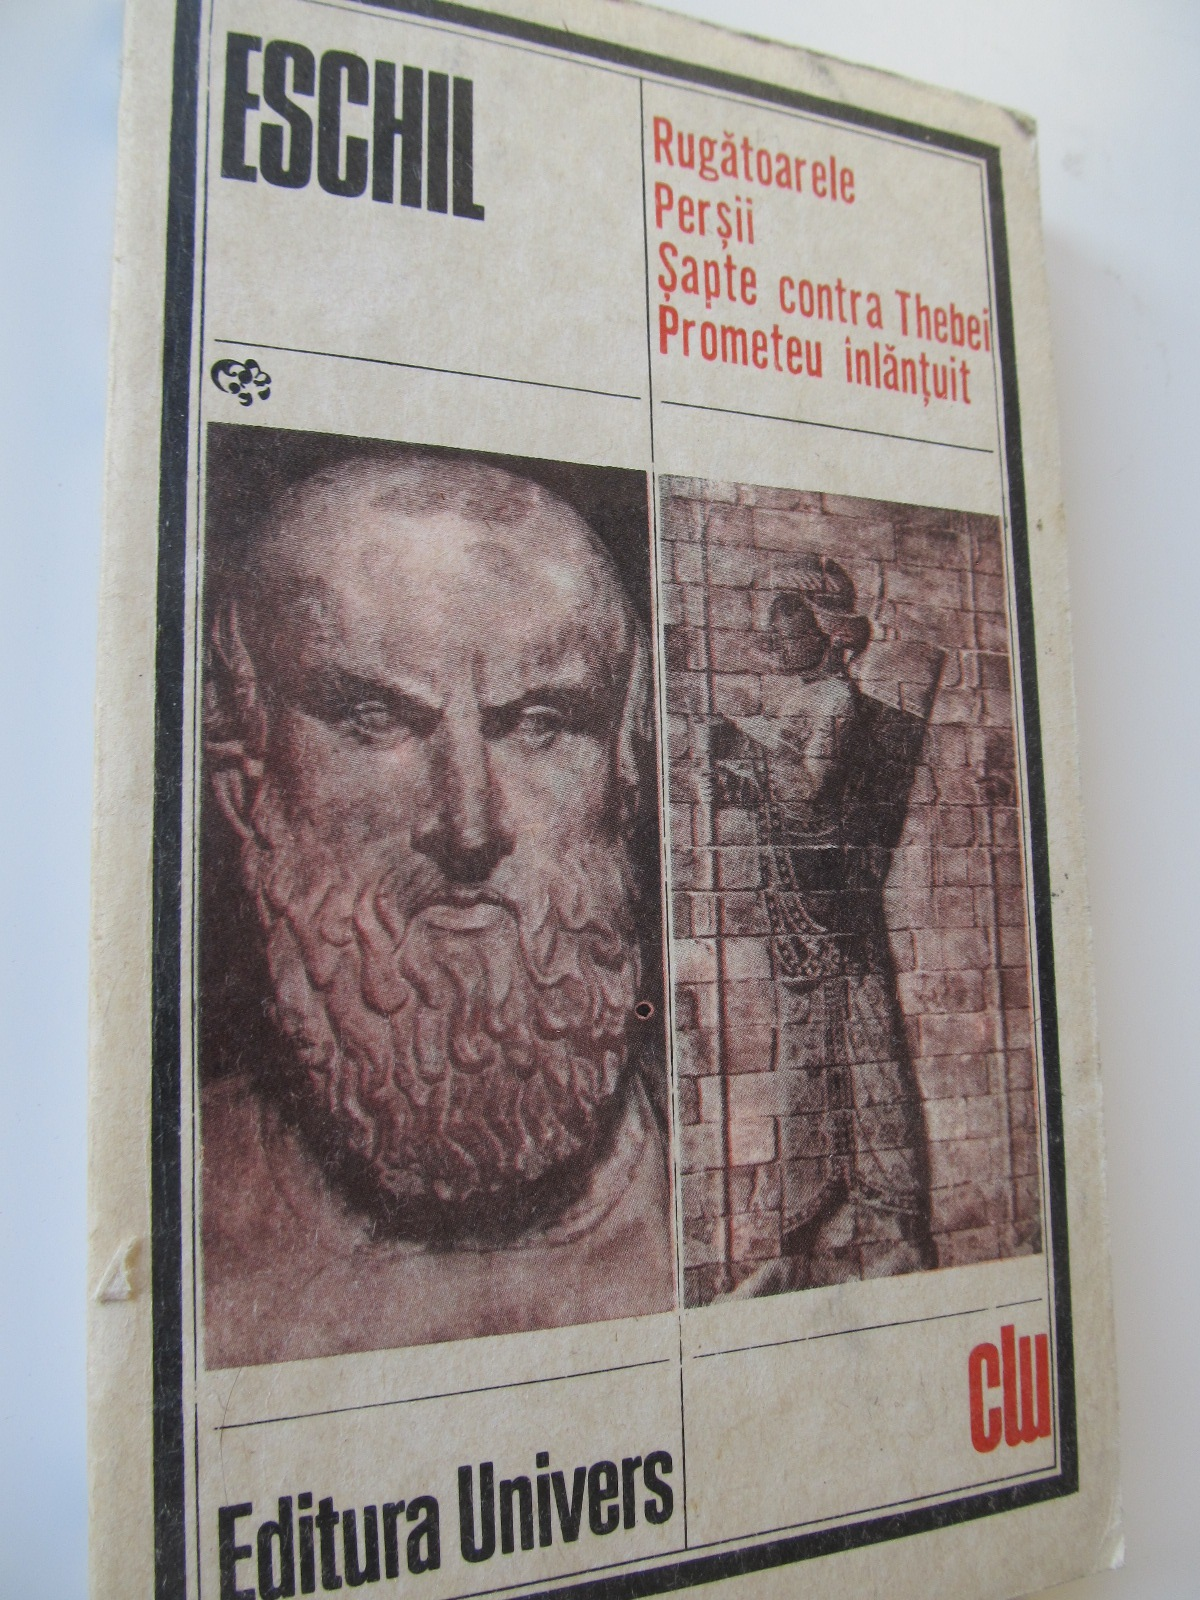 Rugatoarele - Persii - Sapte contra Thebei - Prometeu inlantuit [1] - Eschil | Detalii carte